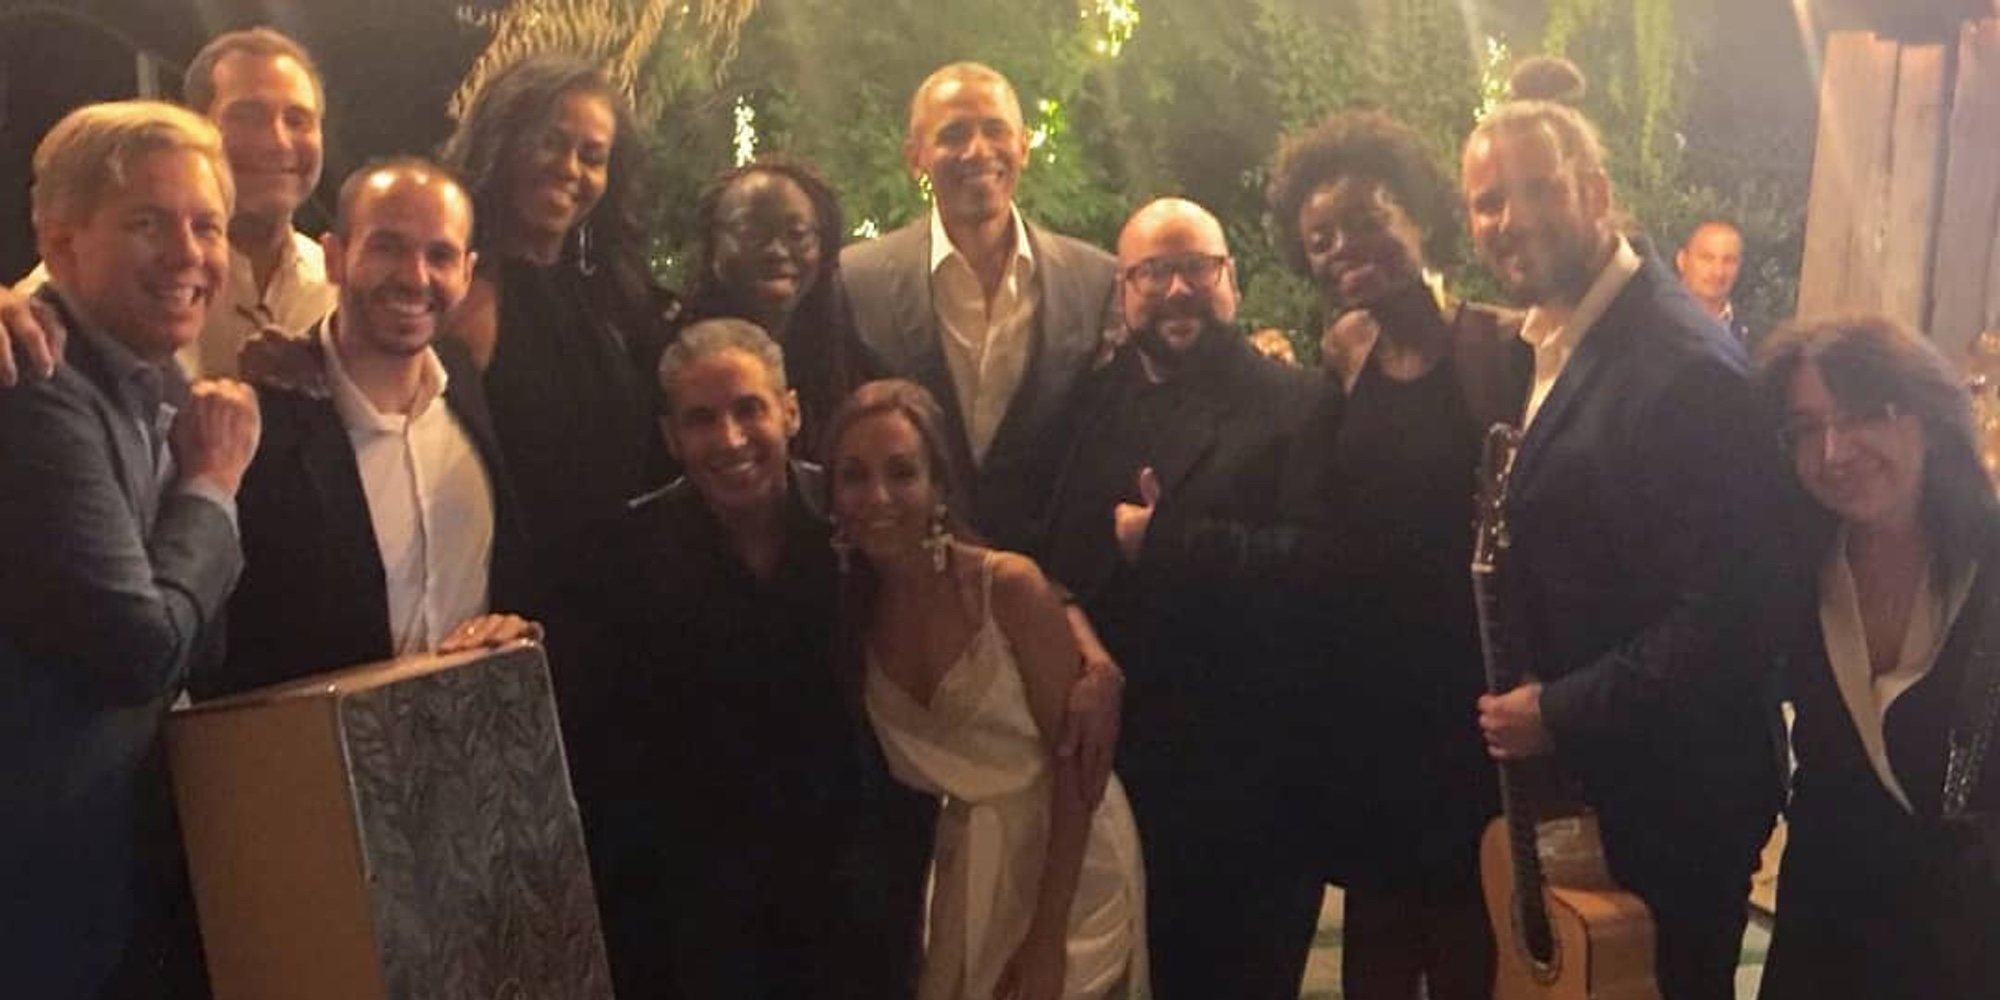 Flamenco, gastronomía y diversión: Así ha sido la visita de la familia Obama a España